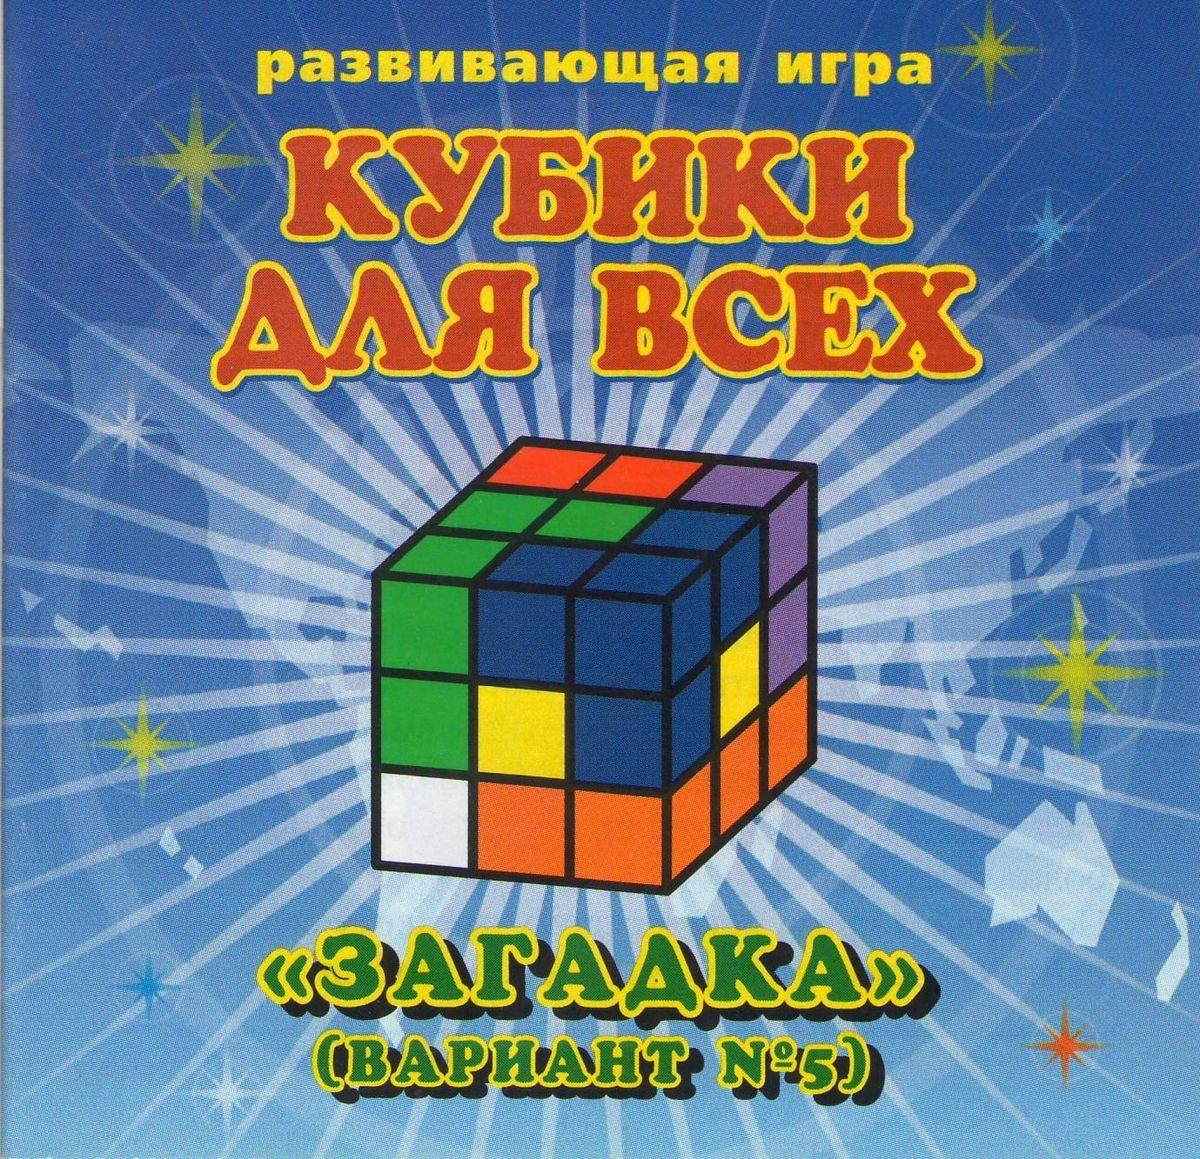 Корвет Обучающая игра Кубики Загадка4680000430272Логические кубики (Кубики для всех) – это первые занимательные игры для детей от 2,5 – 3х лет – своеобразная «умственная гимнастика». Построение заданных и создание новых фигур развивают пространственное мышление, воображение, память (особенно зрительную), творческие способности, комбинаторные способности, пространственное представление и воображение, логическое мышление, смекалку и сообразительность. Постоянный пальчиковый контакт с кубиками способствует развитию мелкой моторики, стимулирует речевые центры. Набор Логические кубики из 5-ти вариантов: Уголки, Собирайка, Эврика, Фантазия, Загадка являются более сложным и увлекательным занятием, чем игры с обычными кубиками.